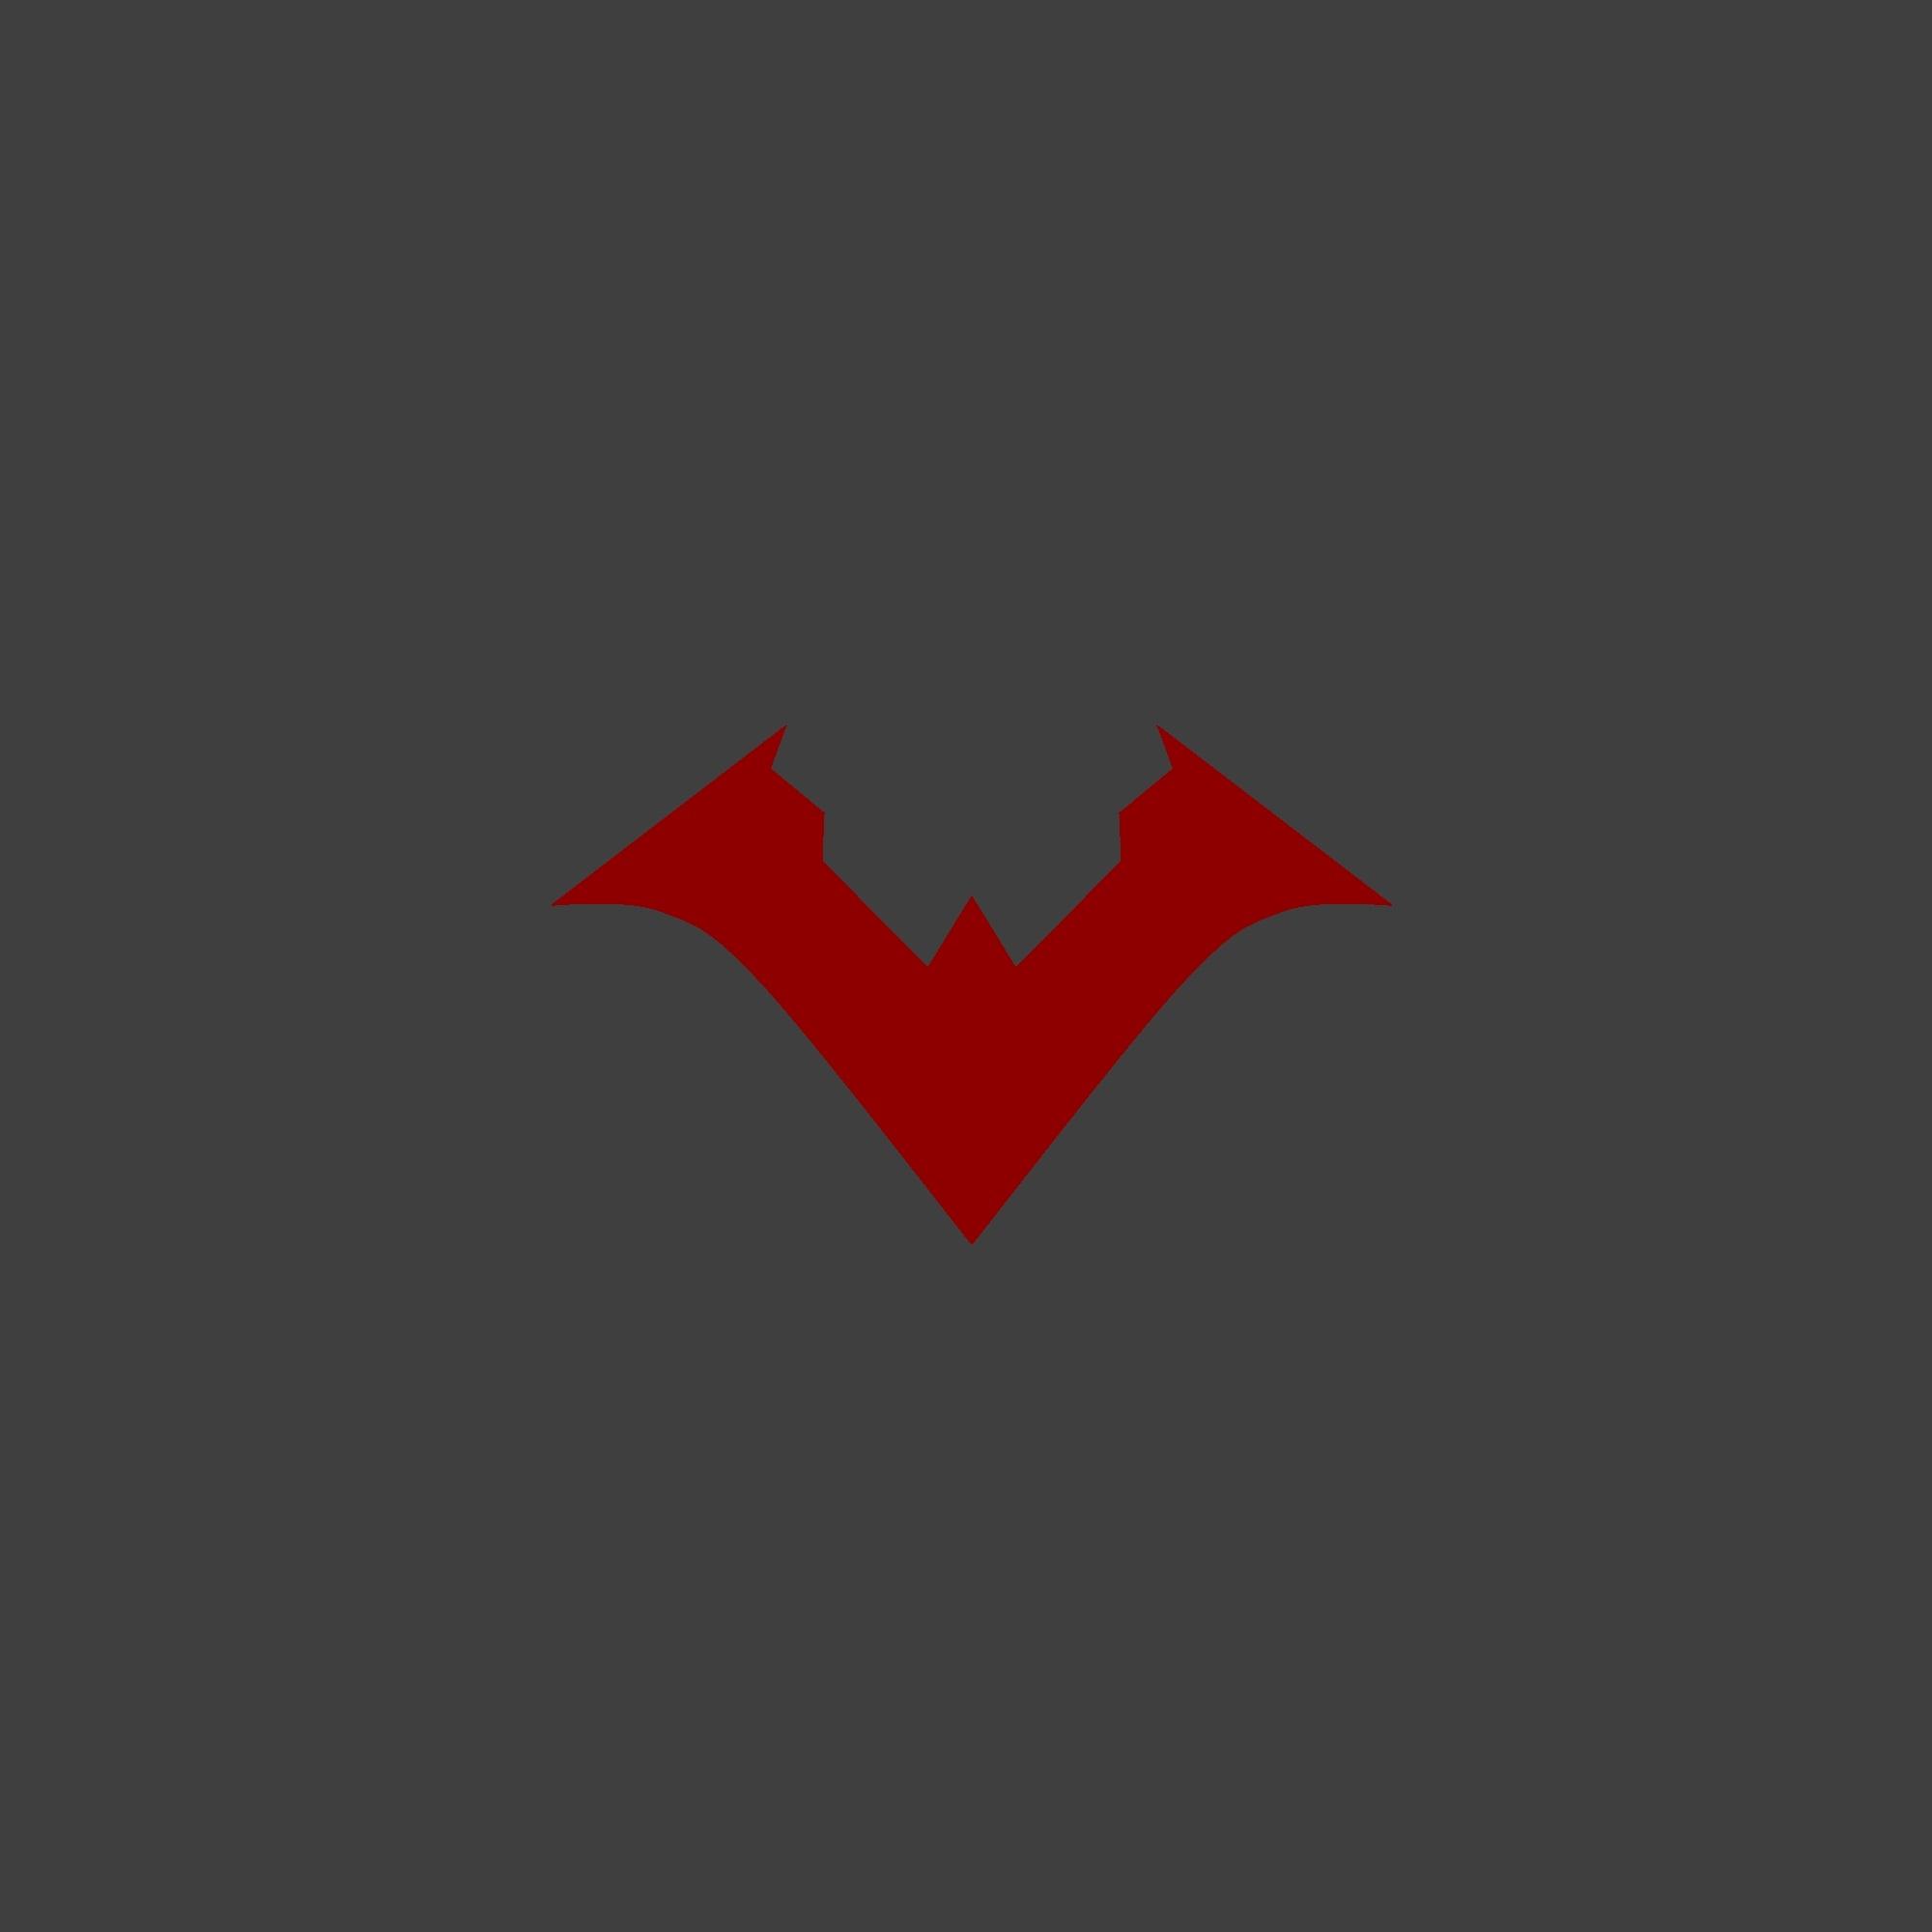 Nu 52 Nightwing logo wallpaper Nightwing Pinterest 2000x2000